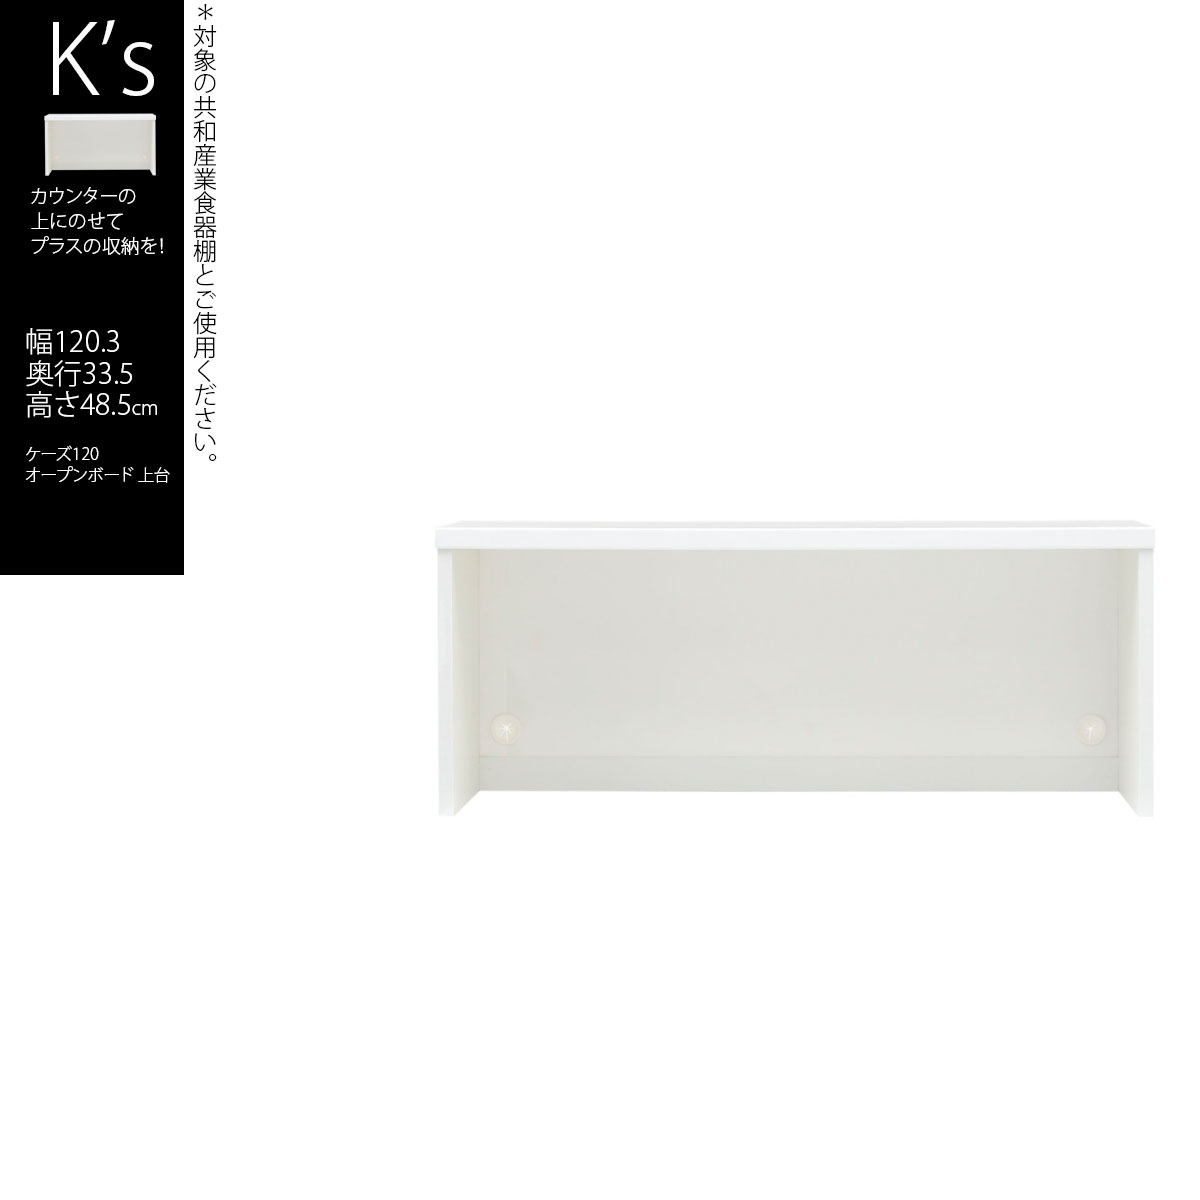 共和産業 ケーズ オープンボード キッチンカウンター 120 ホワイト【幅120.3cm】 日本製 国産